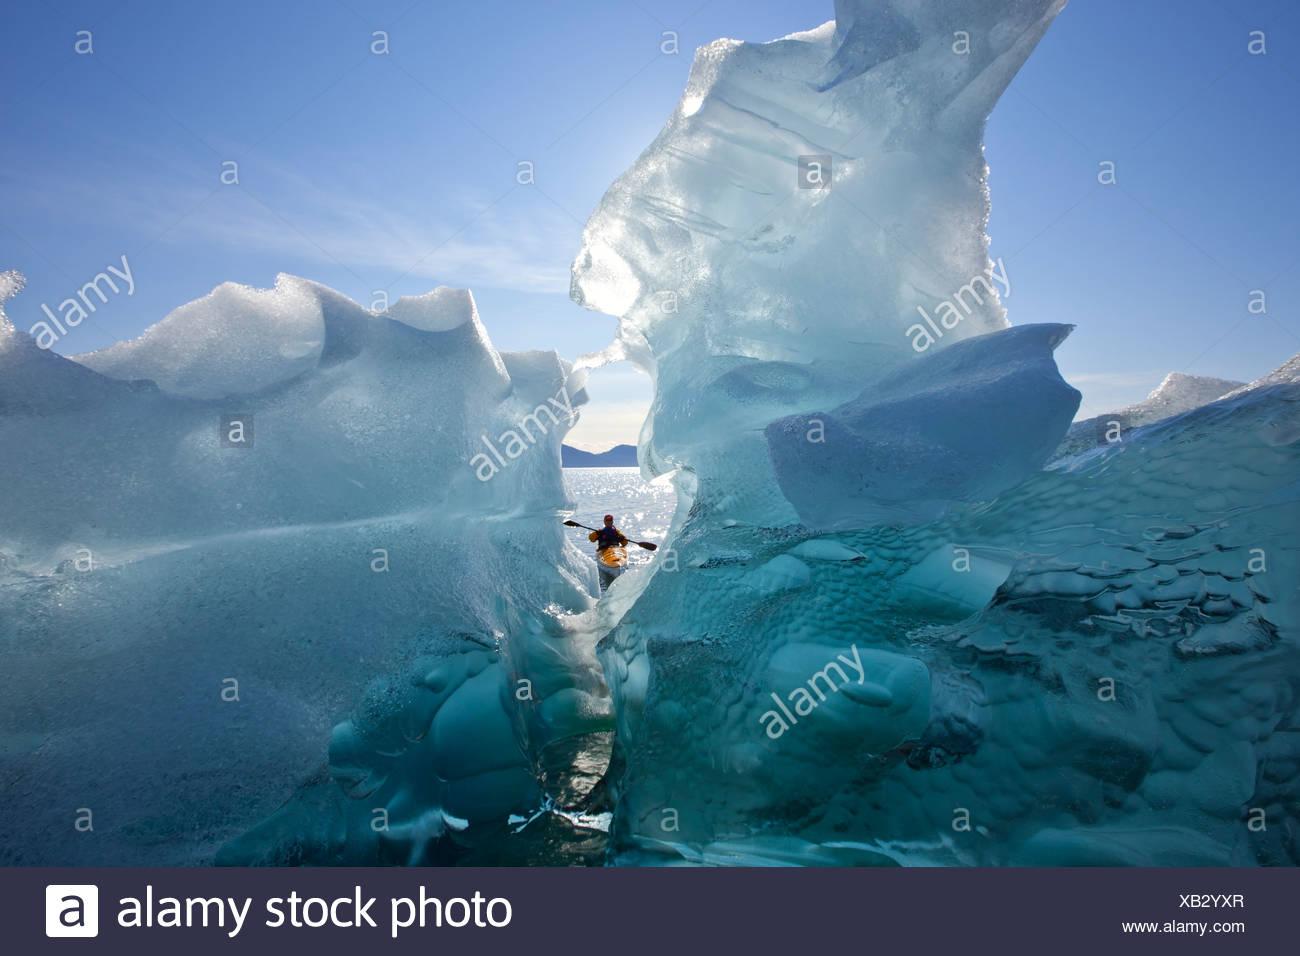 Kayakiste de mer vues grand icebergs dans Passage Stephens, Tracy Arm-Fords la terreur désert, le passage de l'Intérieur, de l'Alaska Photo Stock